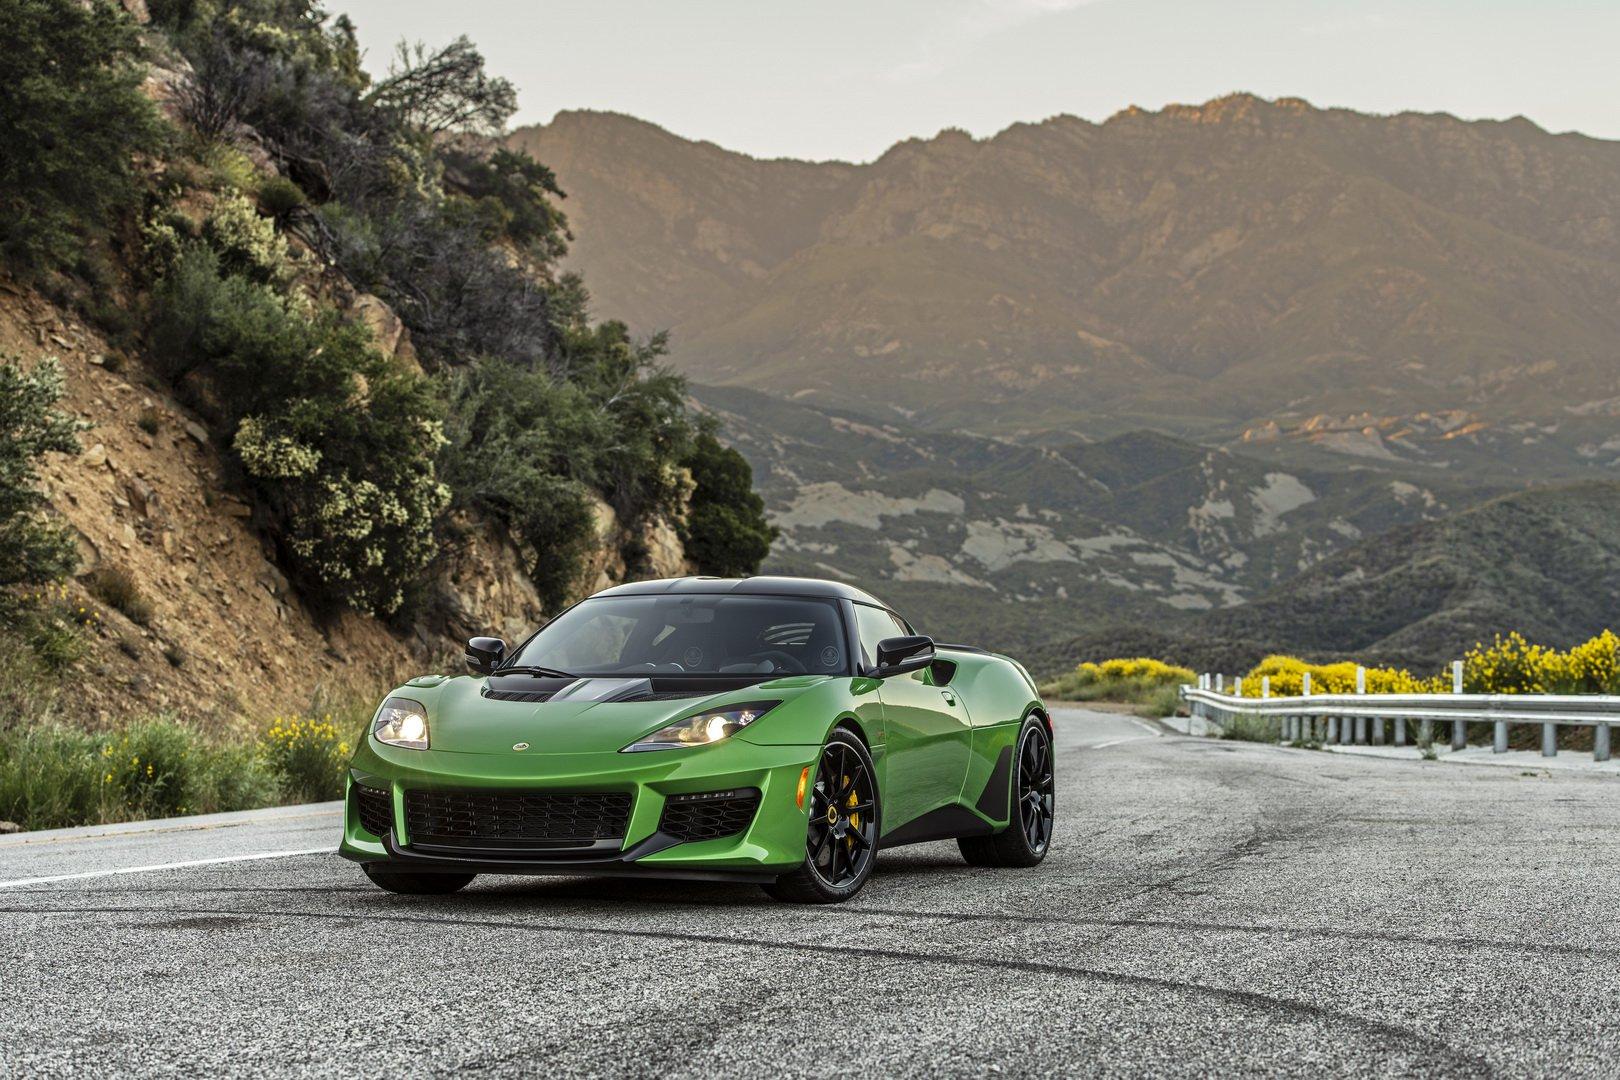 Lotus-Evora-GT-2020-13